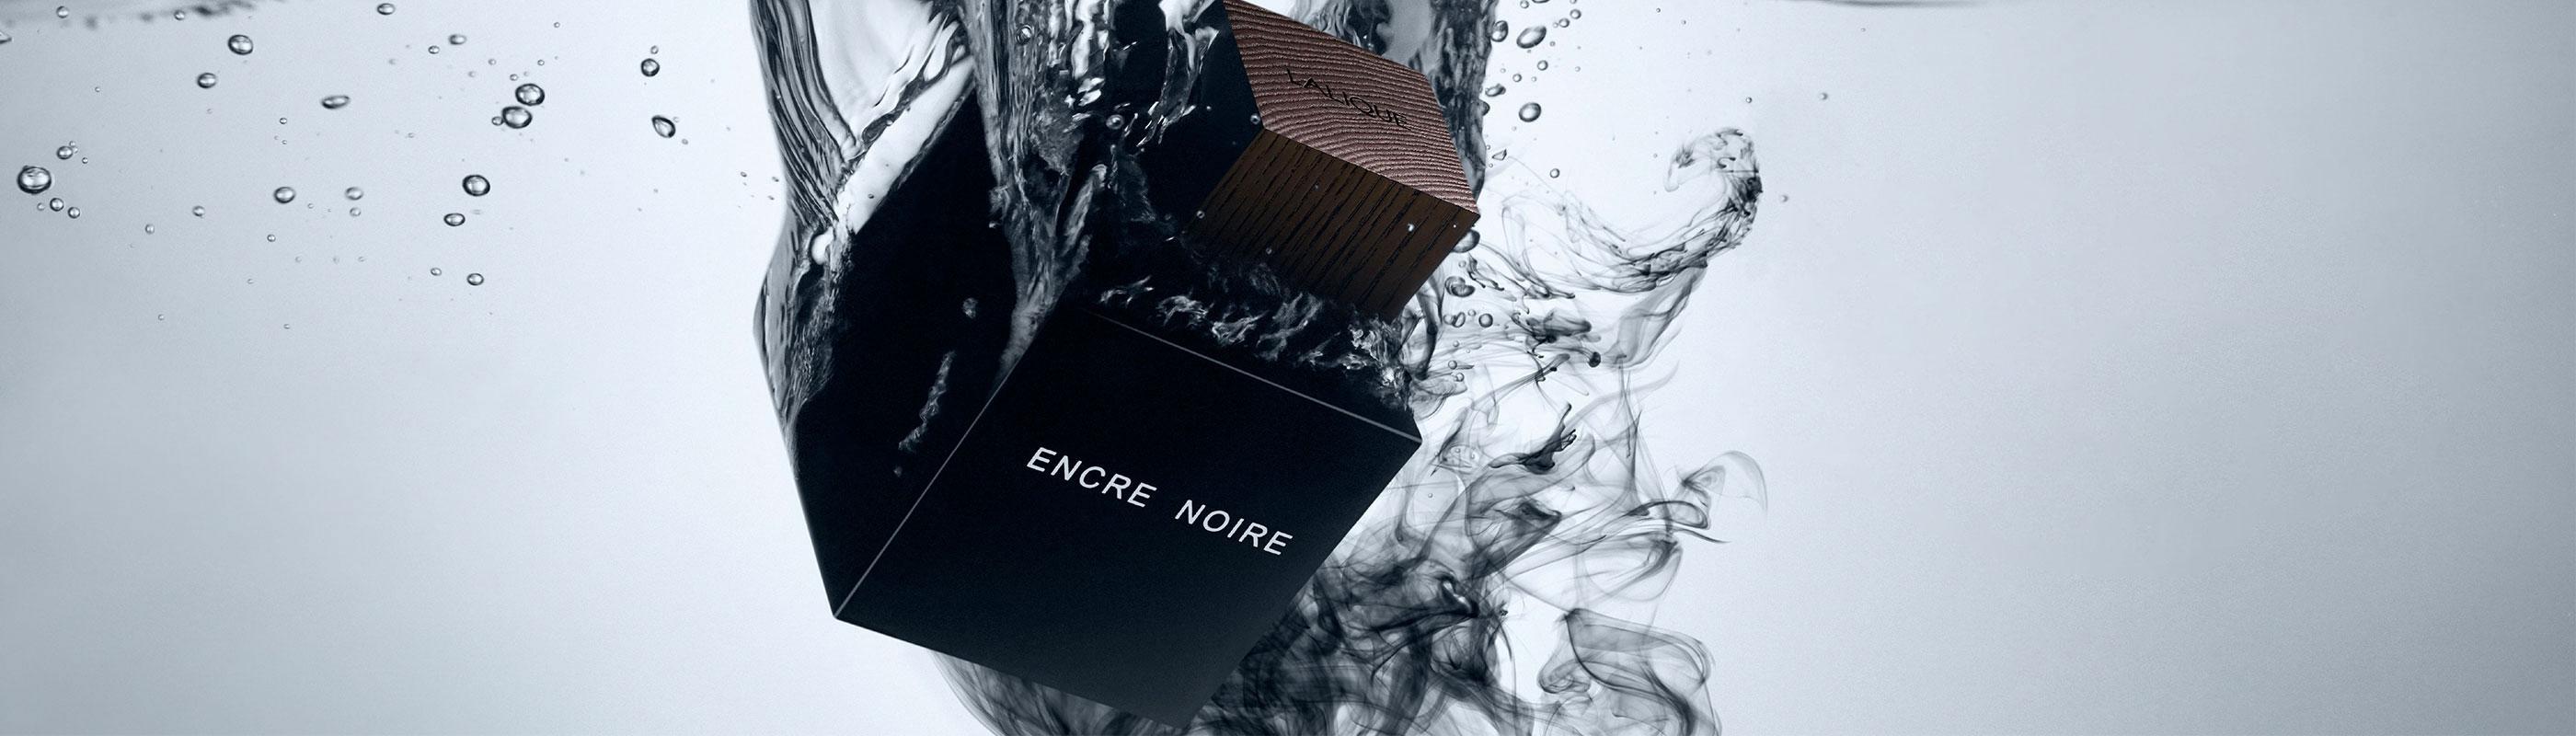 Pour Homme Parfums Lalique NoireParfum Encre bmvyYf76gI